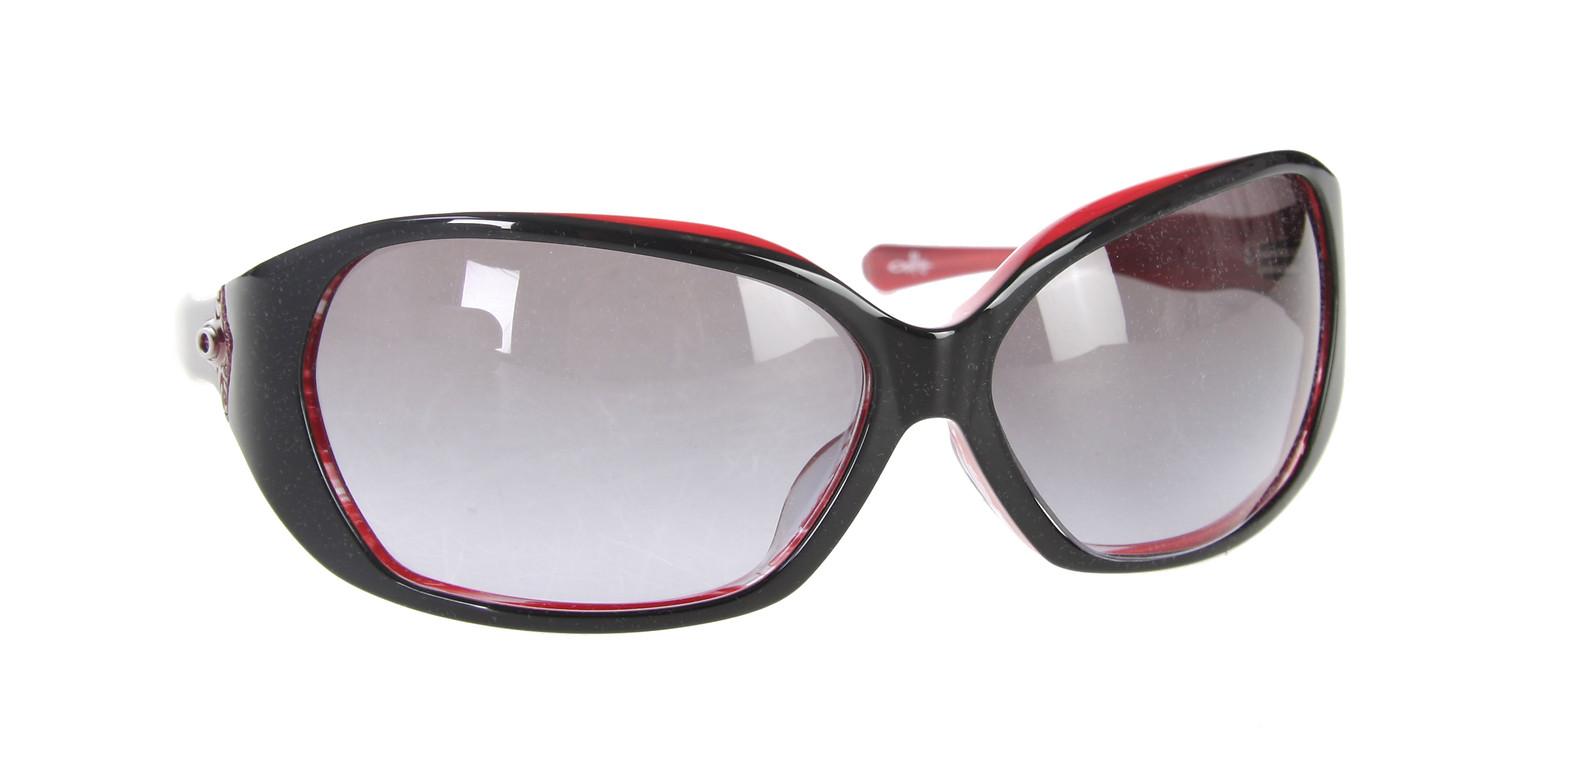 oakley-betray-sngls-redblkgrad-09